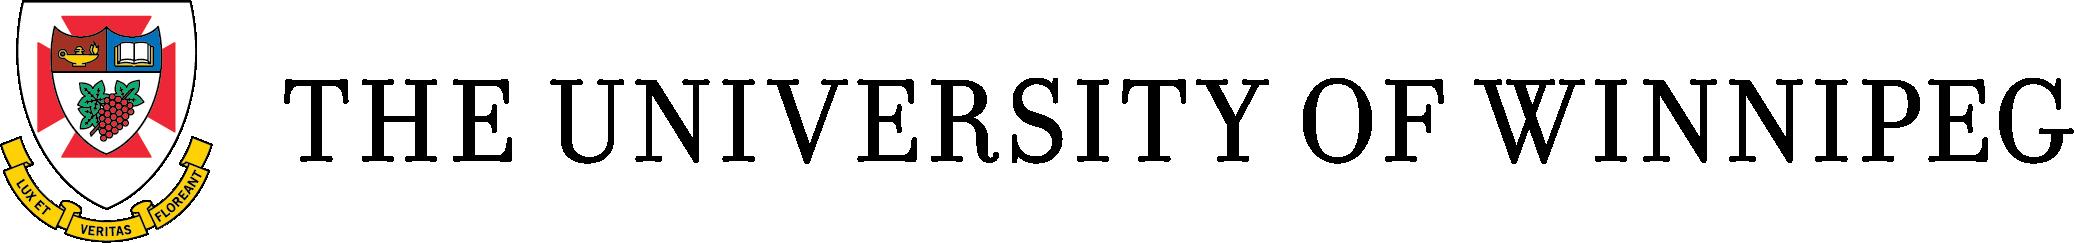 UW_horiz_rgb-black.png